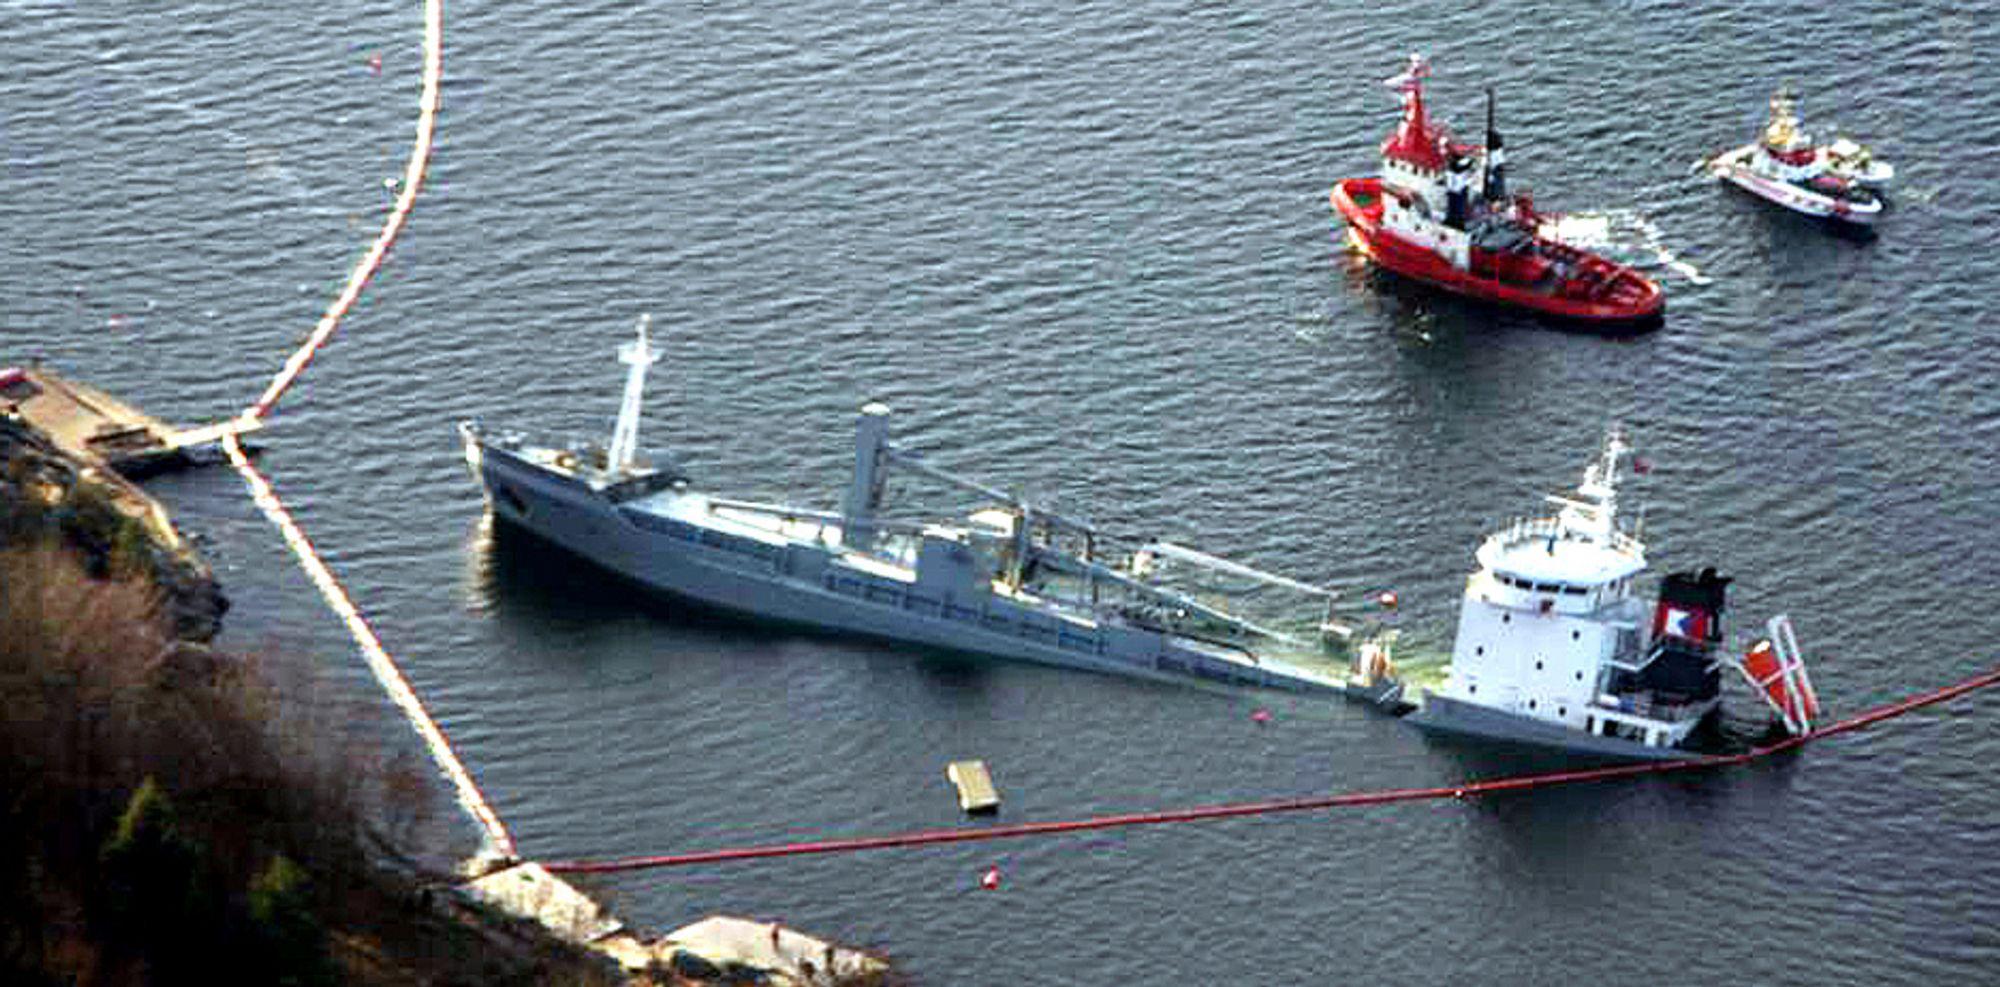 «Crete Cement» har satt seg stabilt på havbunnen ved Fagerstrand i Oslofjorden.